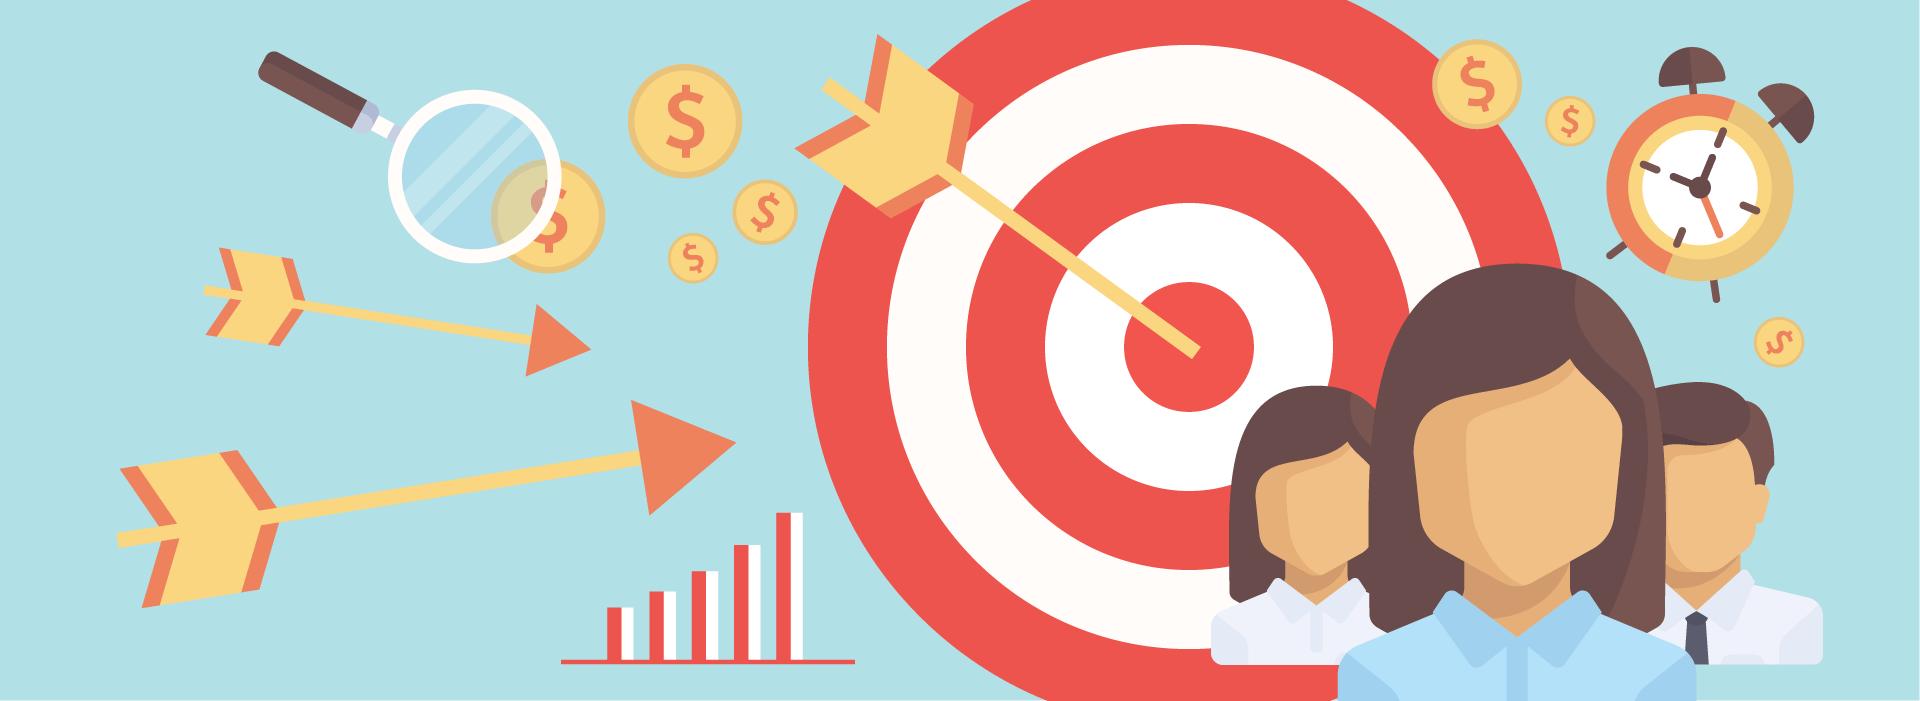 5 Ví dụ về lựa chọn thị trường mục tiêu cho doanh nghiệp marketingreview.vn 1